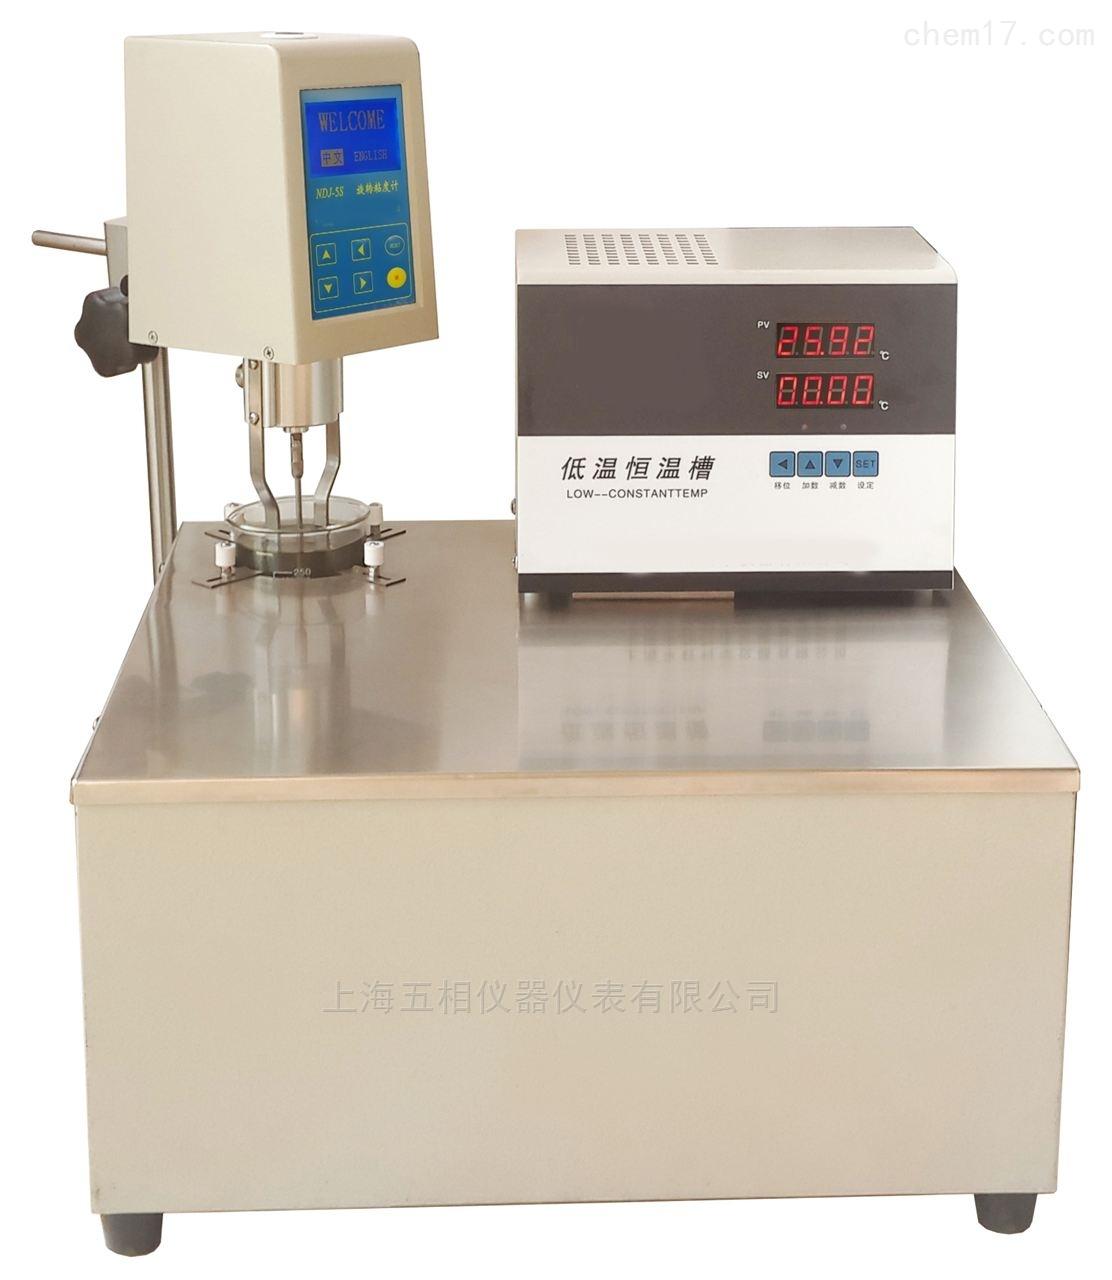 粘度计专用低温恒温槽